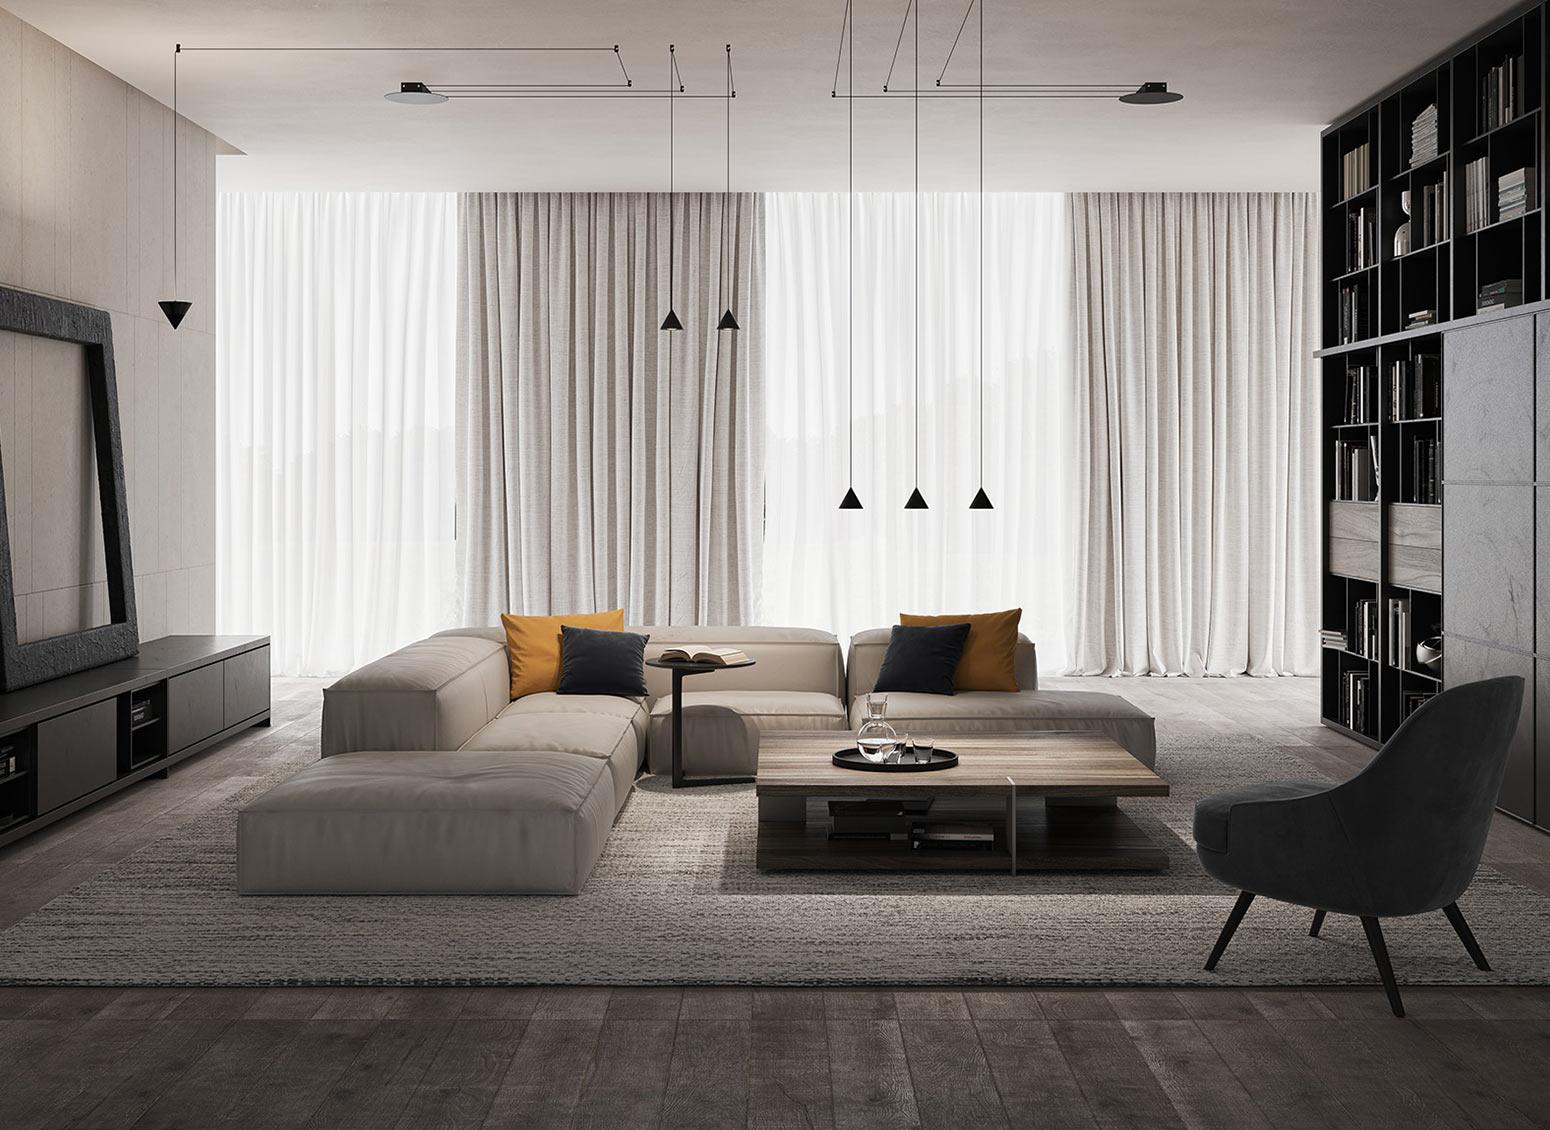 Lampade per un ambiente dallo stile minimal: la selezione Karman